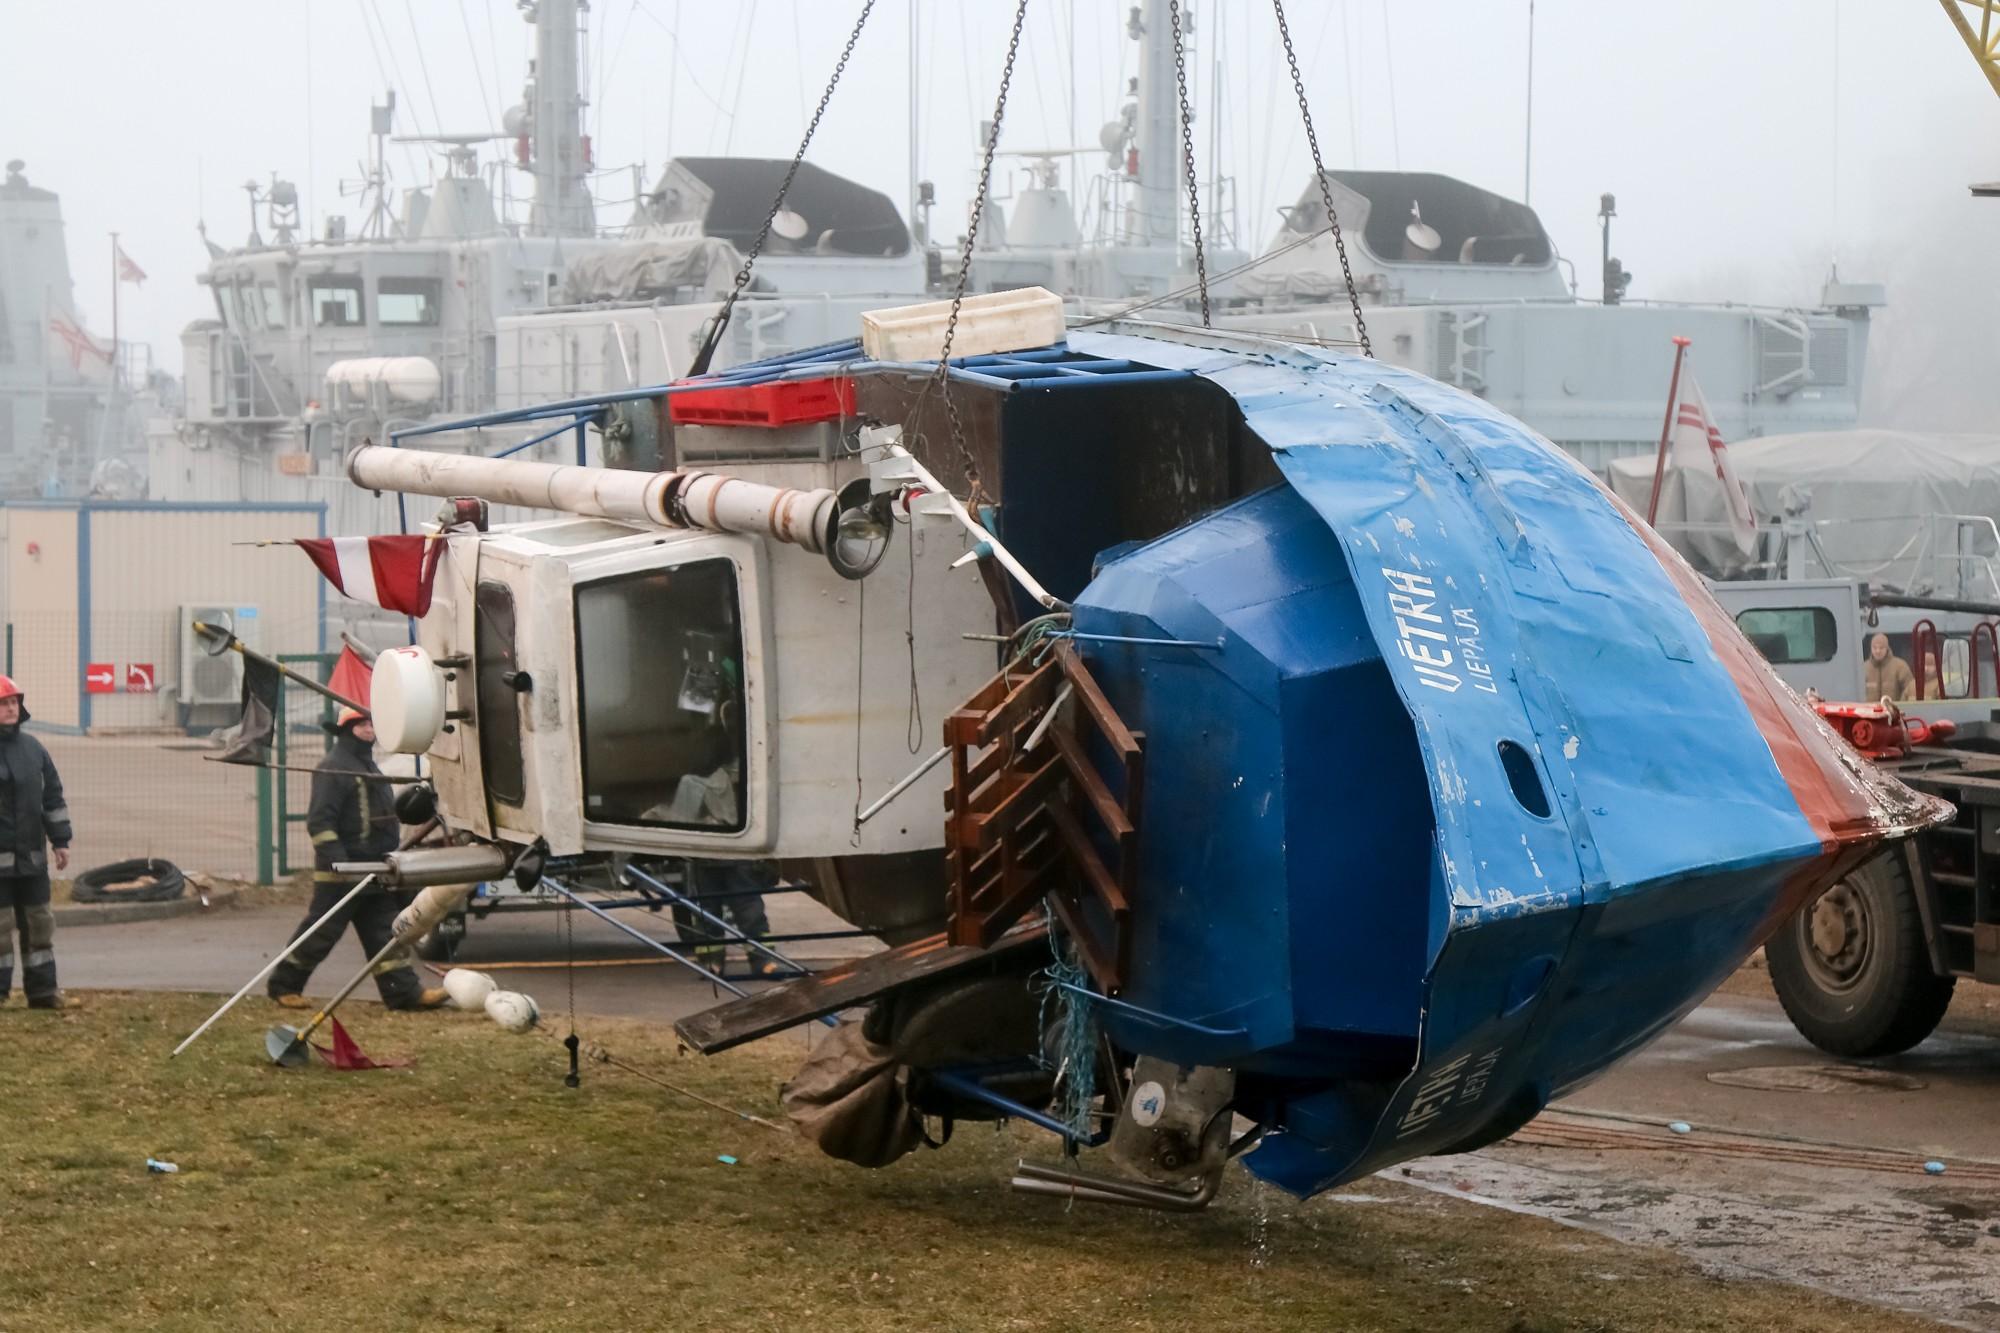 Papildināts (17:20) – Tirdzniecības kanālā nogrimušais zvejas kuģis izcelts